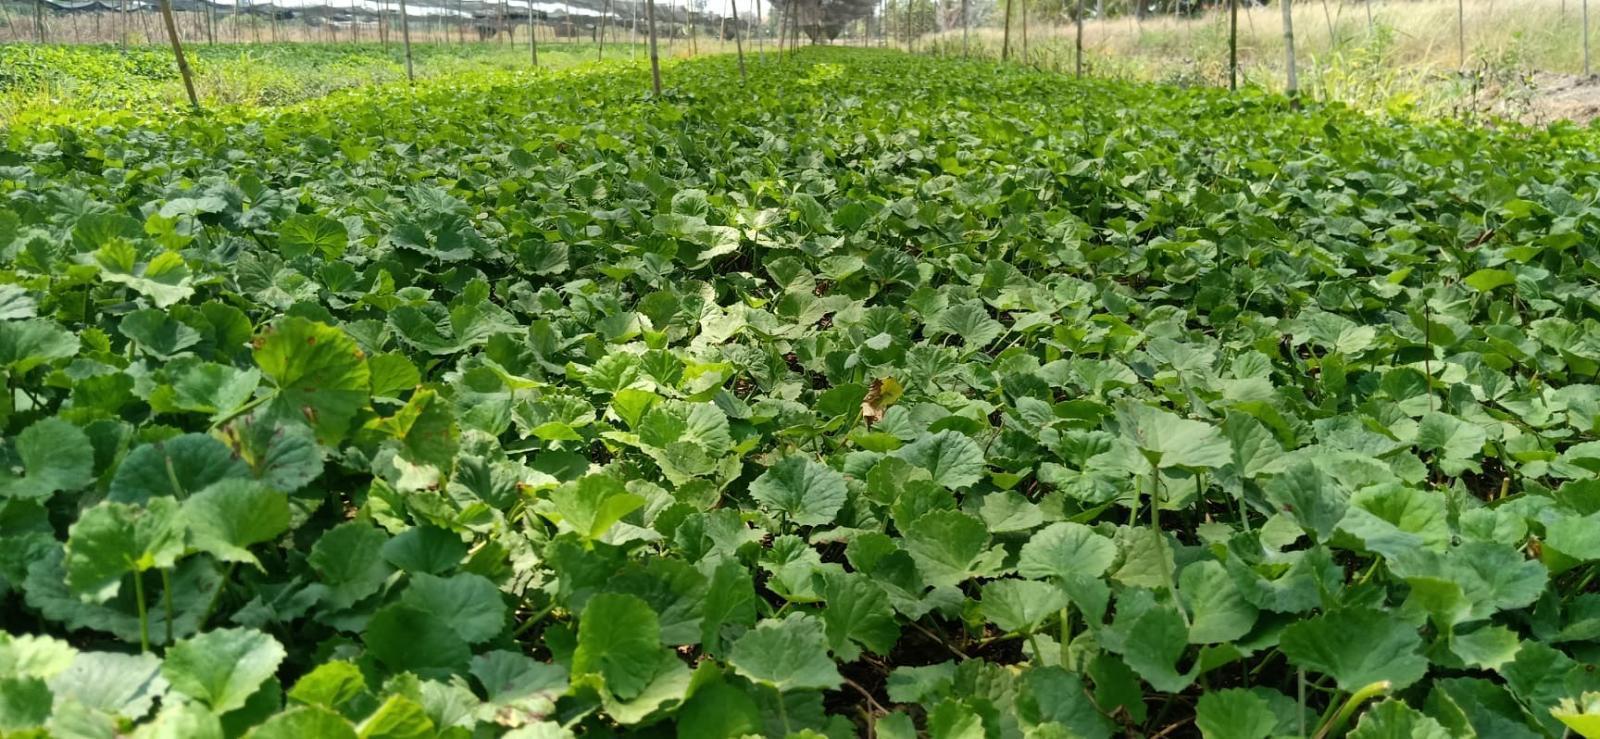 นศ.หอการค้า ปลูกผักออร์แกนิค ผลิตน้ำสมุนไพรดีต่อสุขภาพ สู้โควิด-19